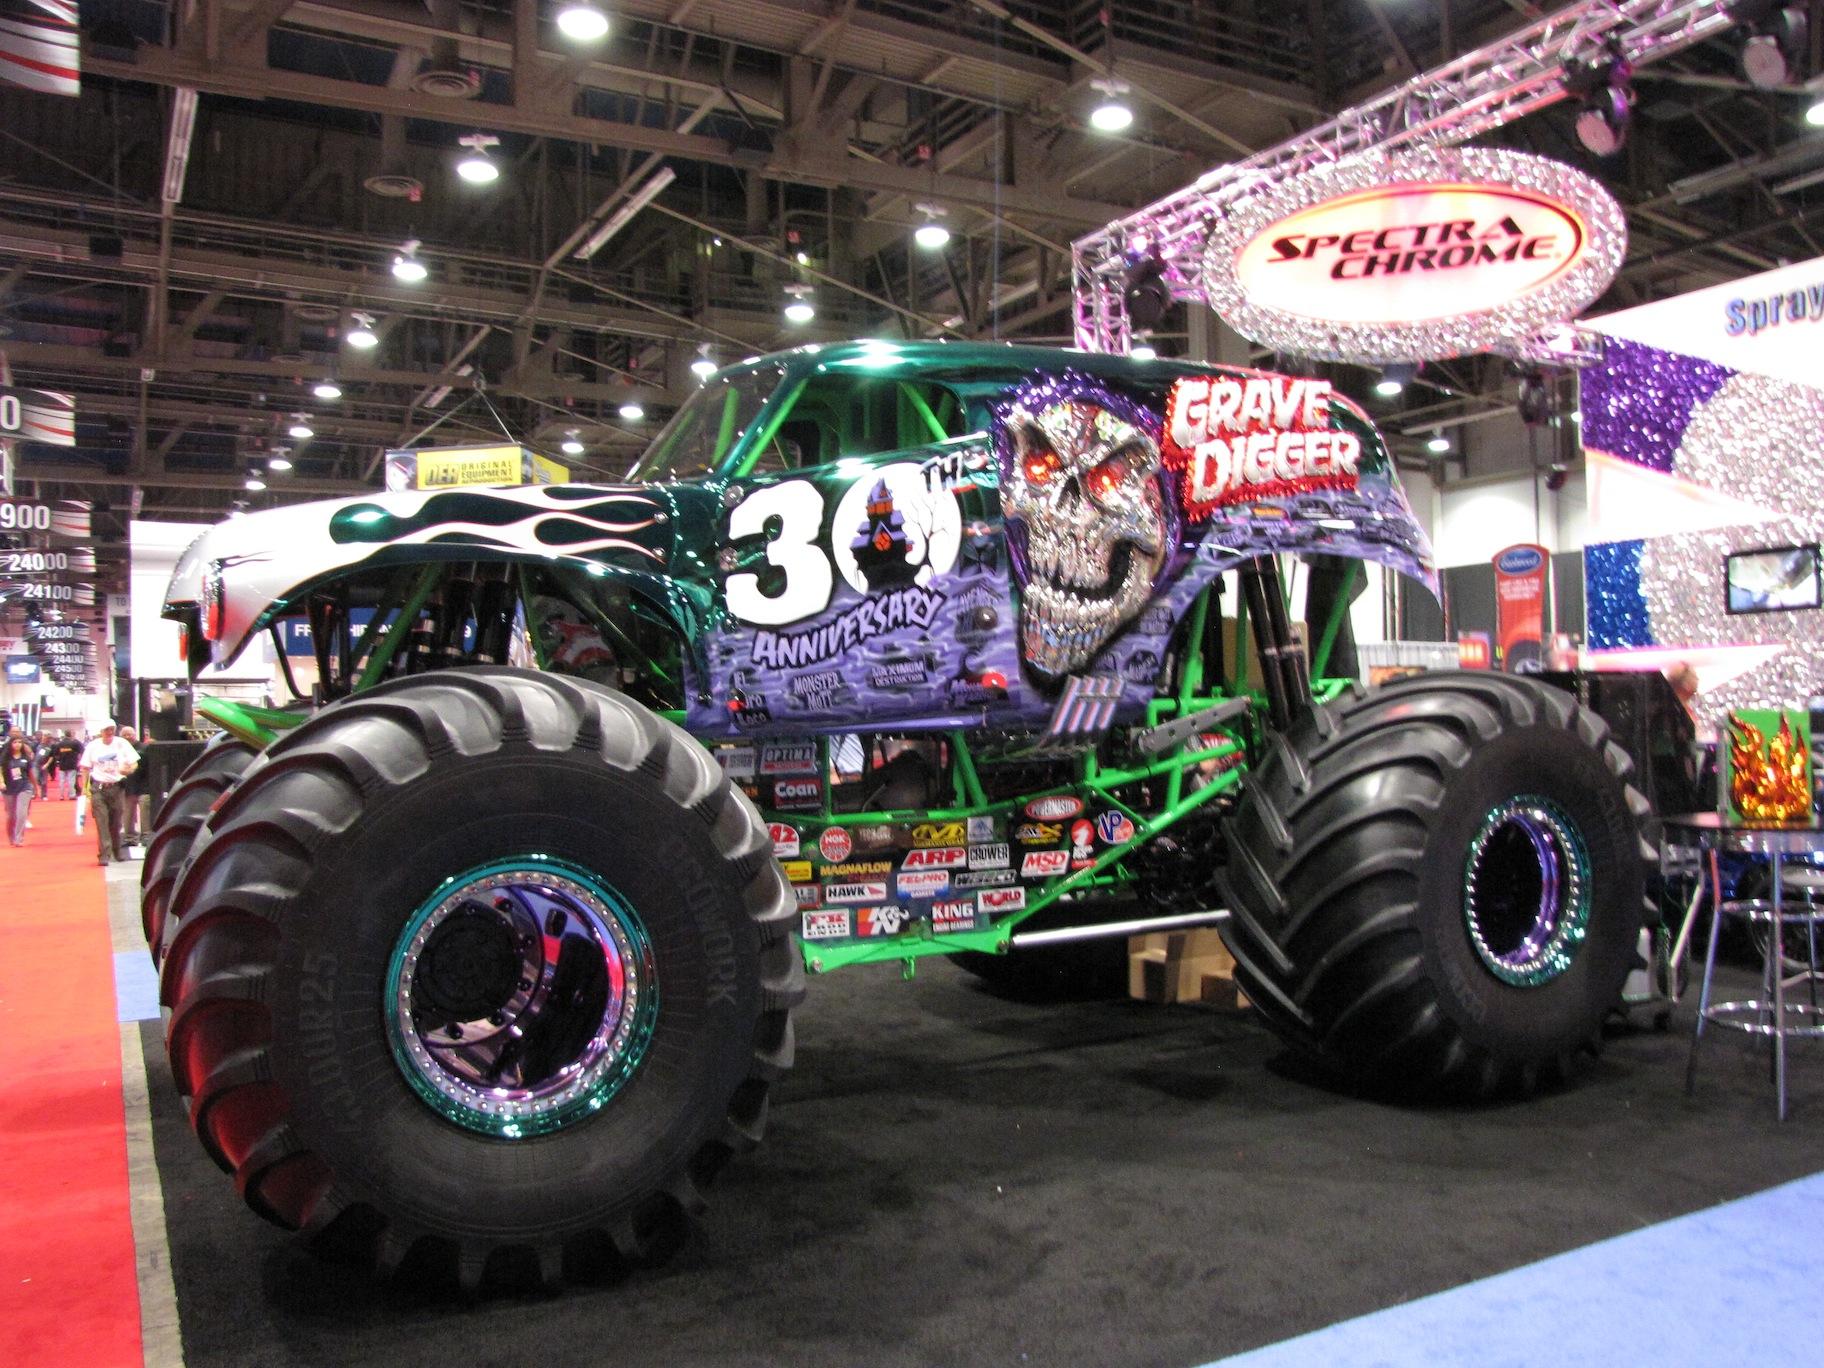 Monster Trucks Grave Digger 2014Rahasia Galeriku